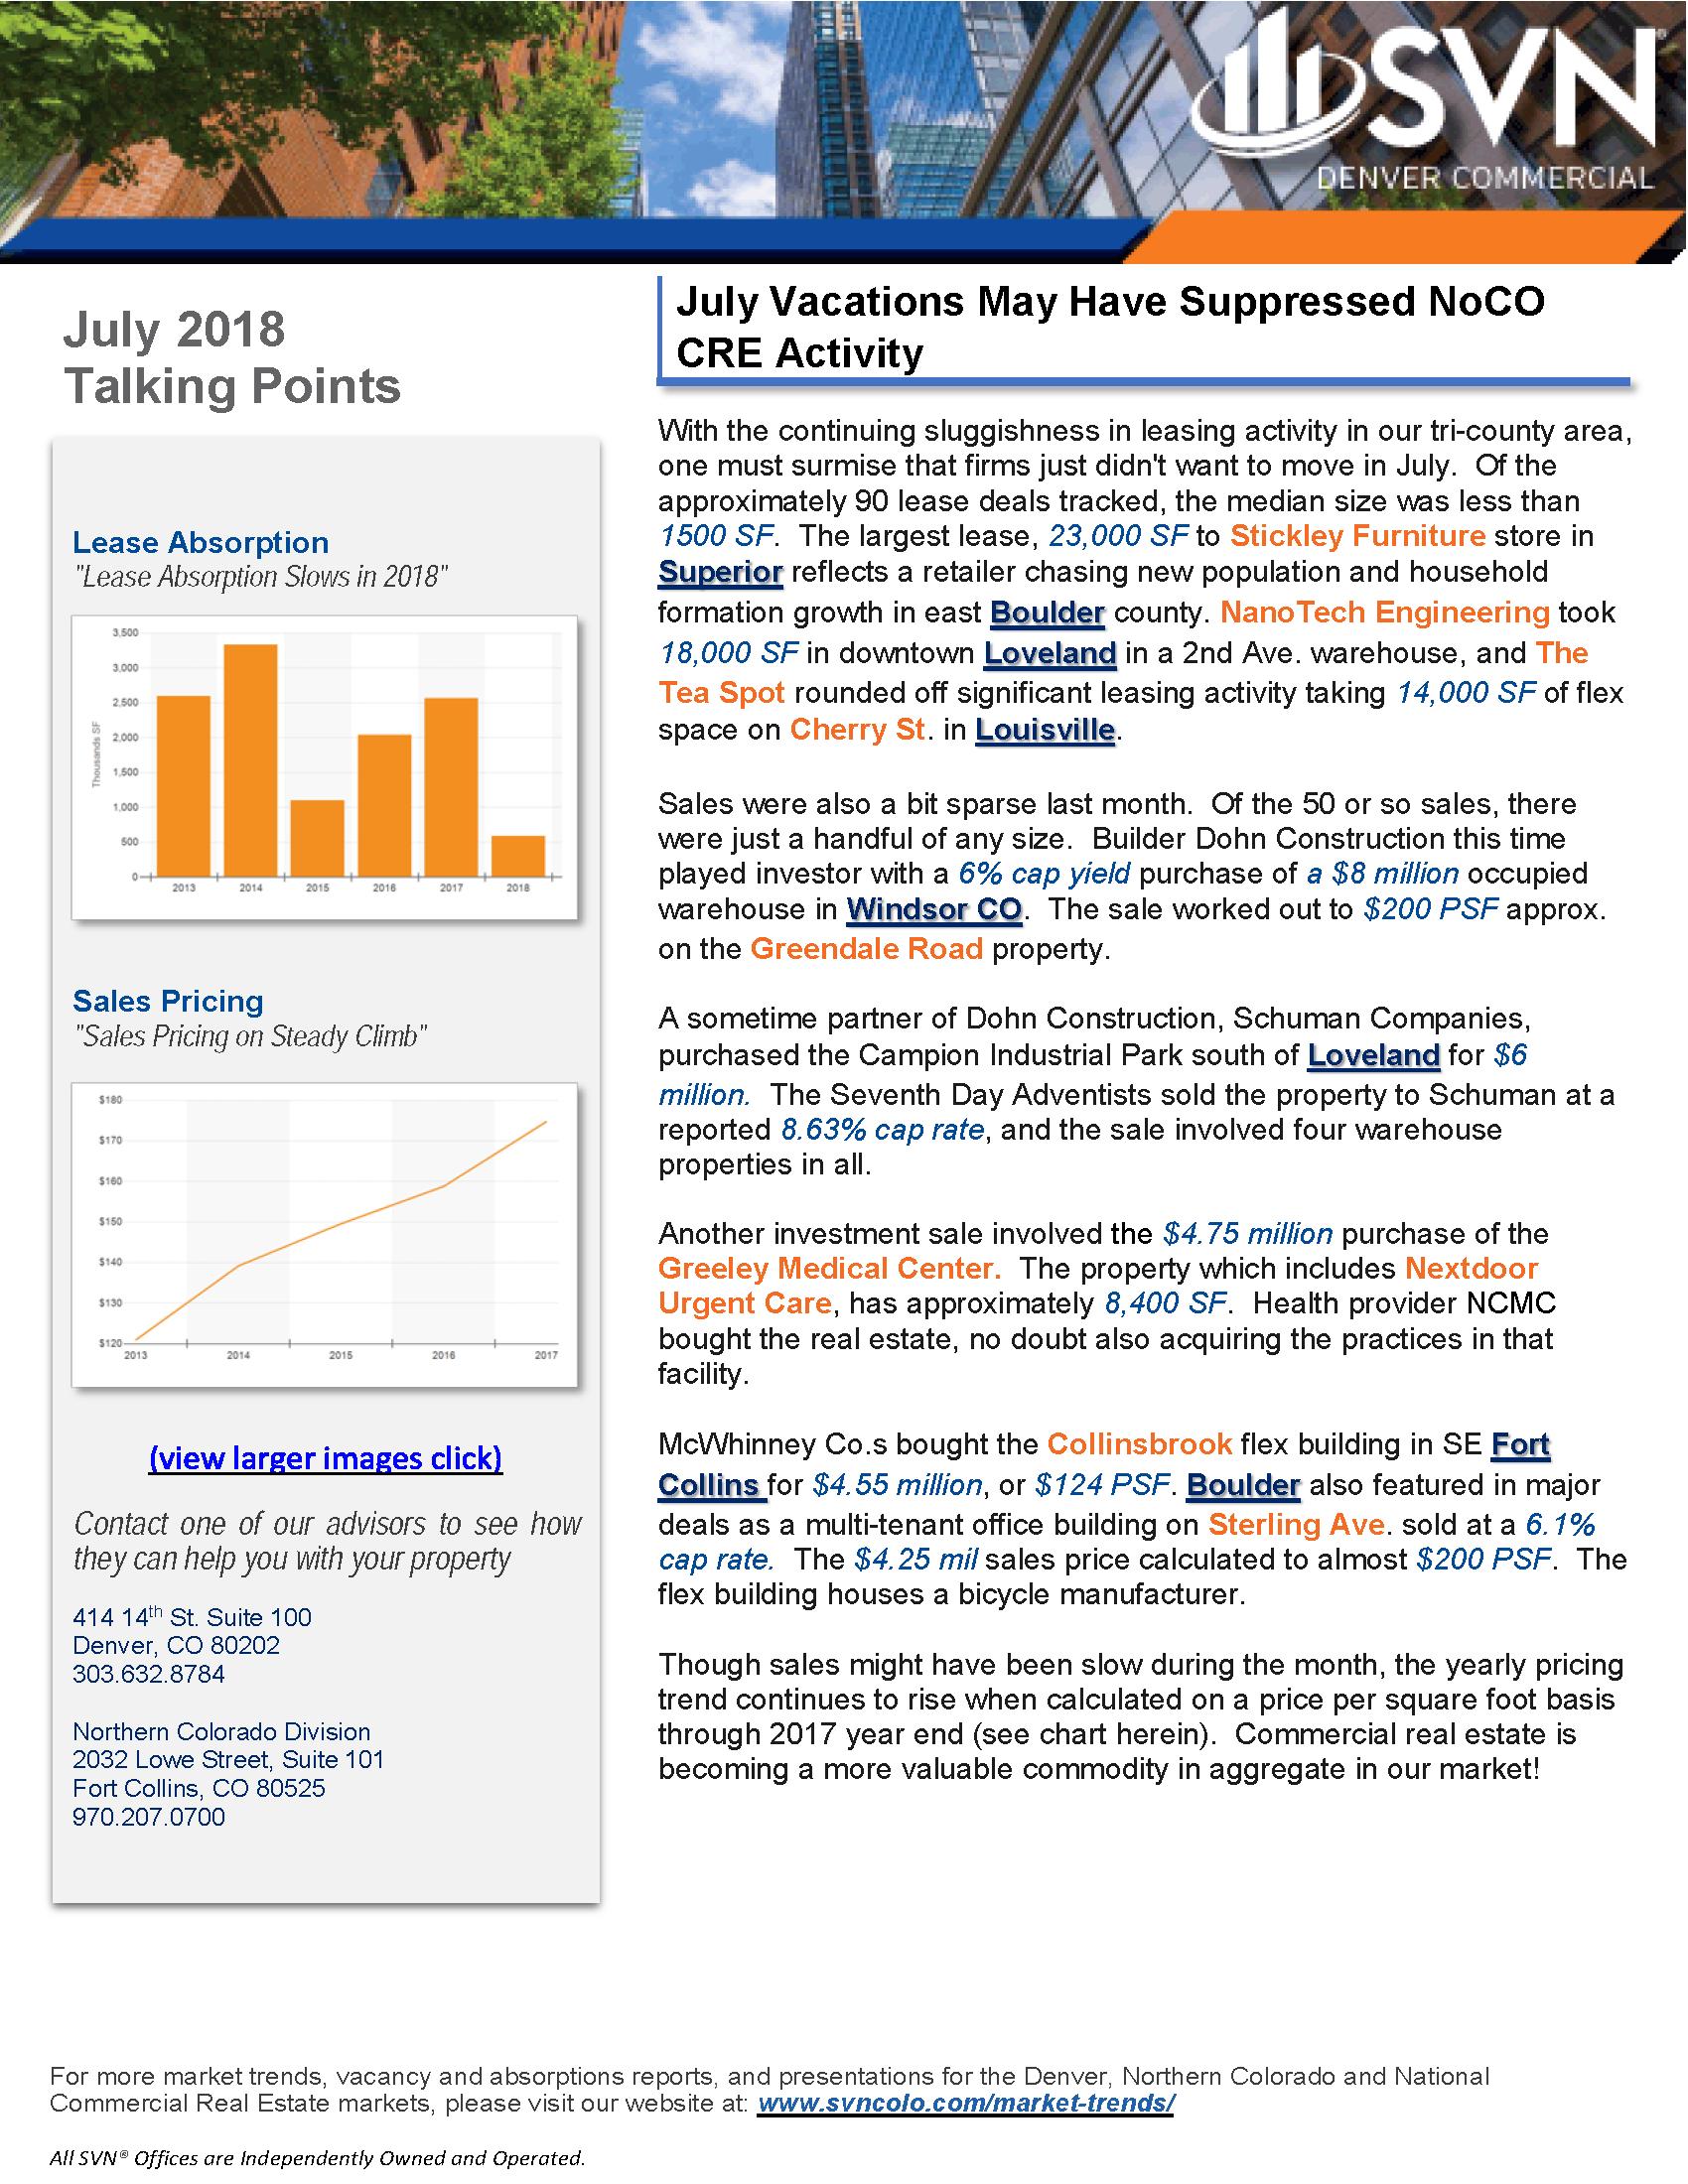 July Talking Points